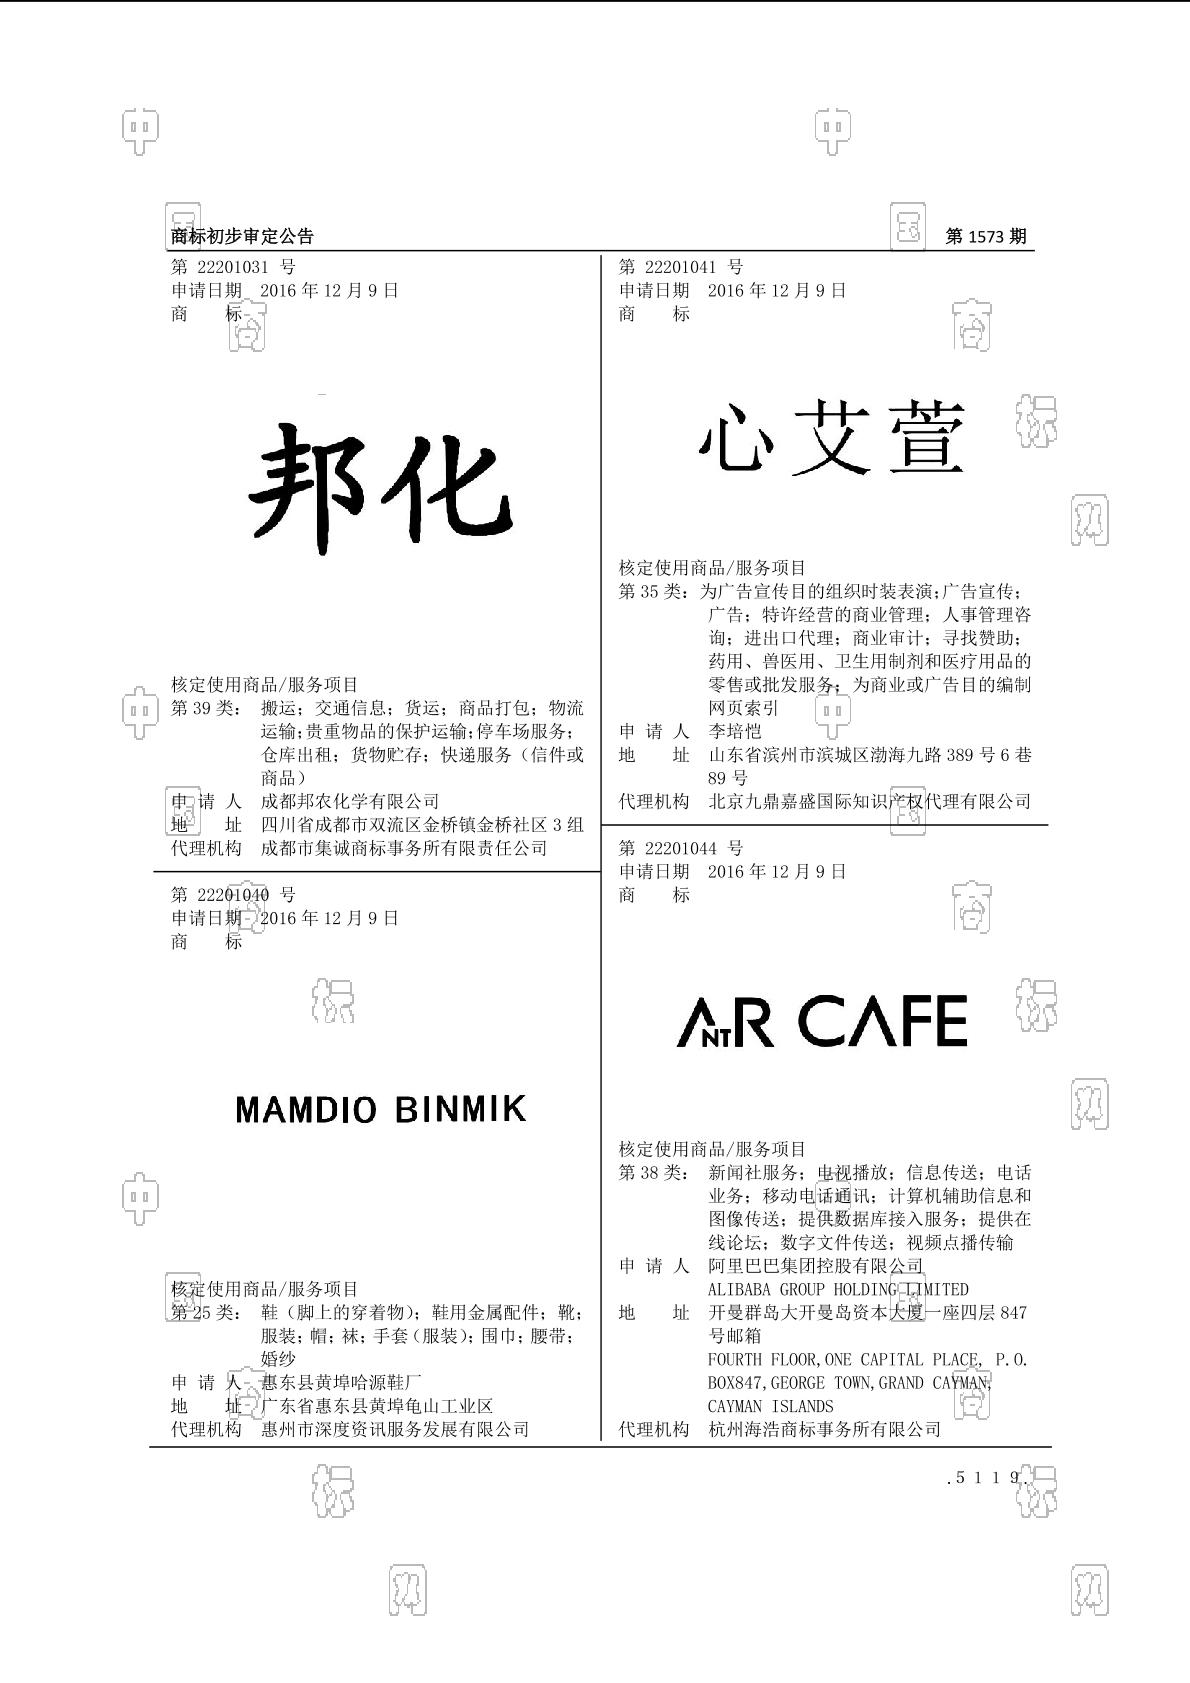 【社标网】MAMDIO BINMIK商标状态注册号信息 惠东县黄埠哈源鞋厂商标信息-商标查询